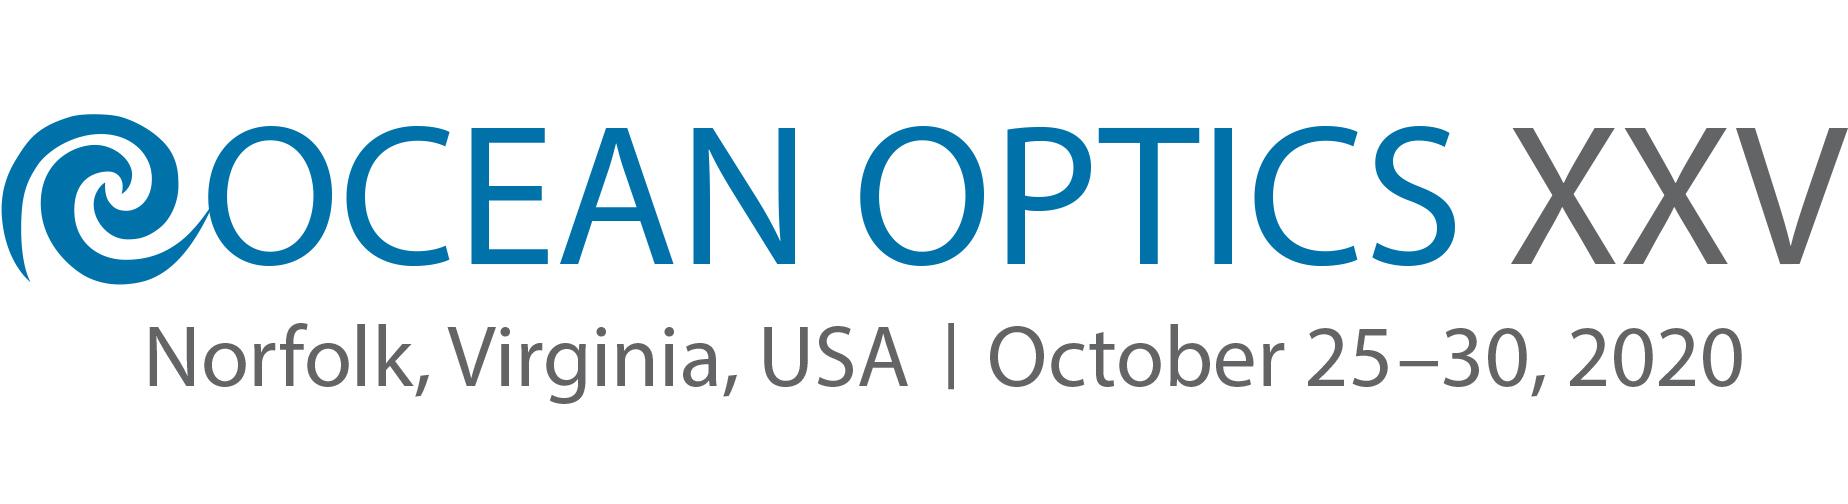 Ocean Optics Conference 2020